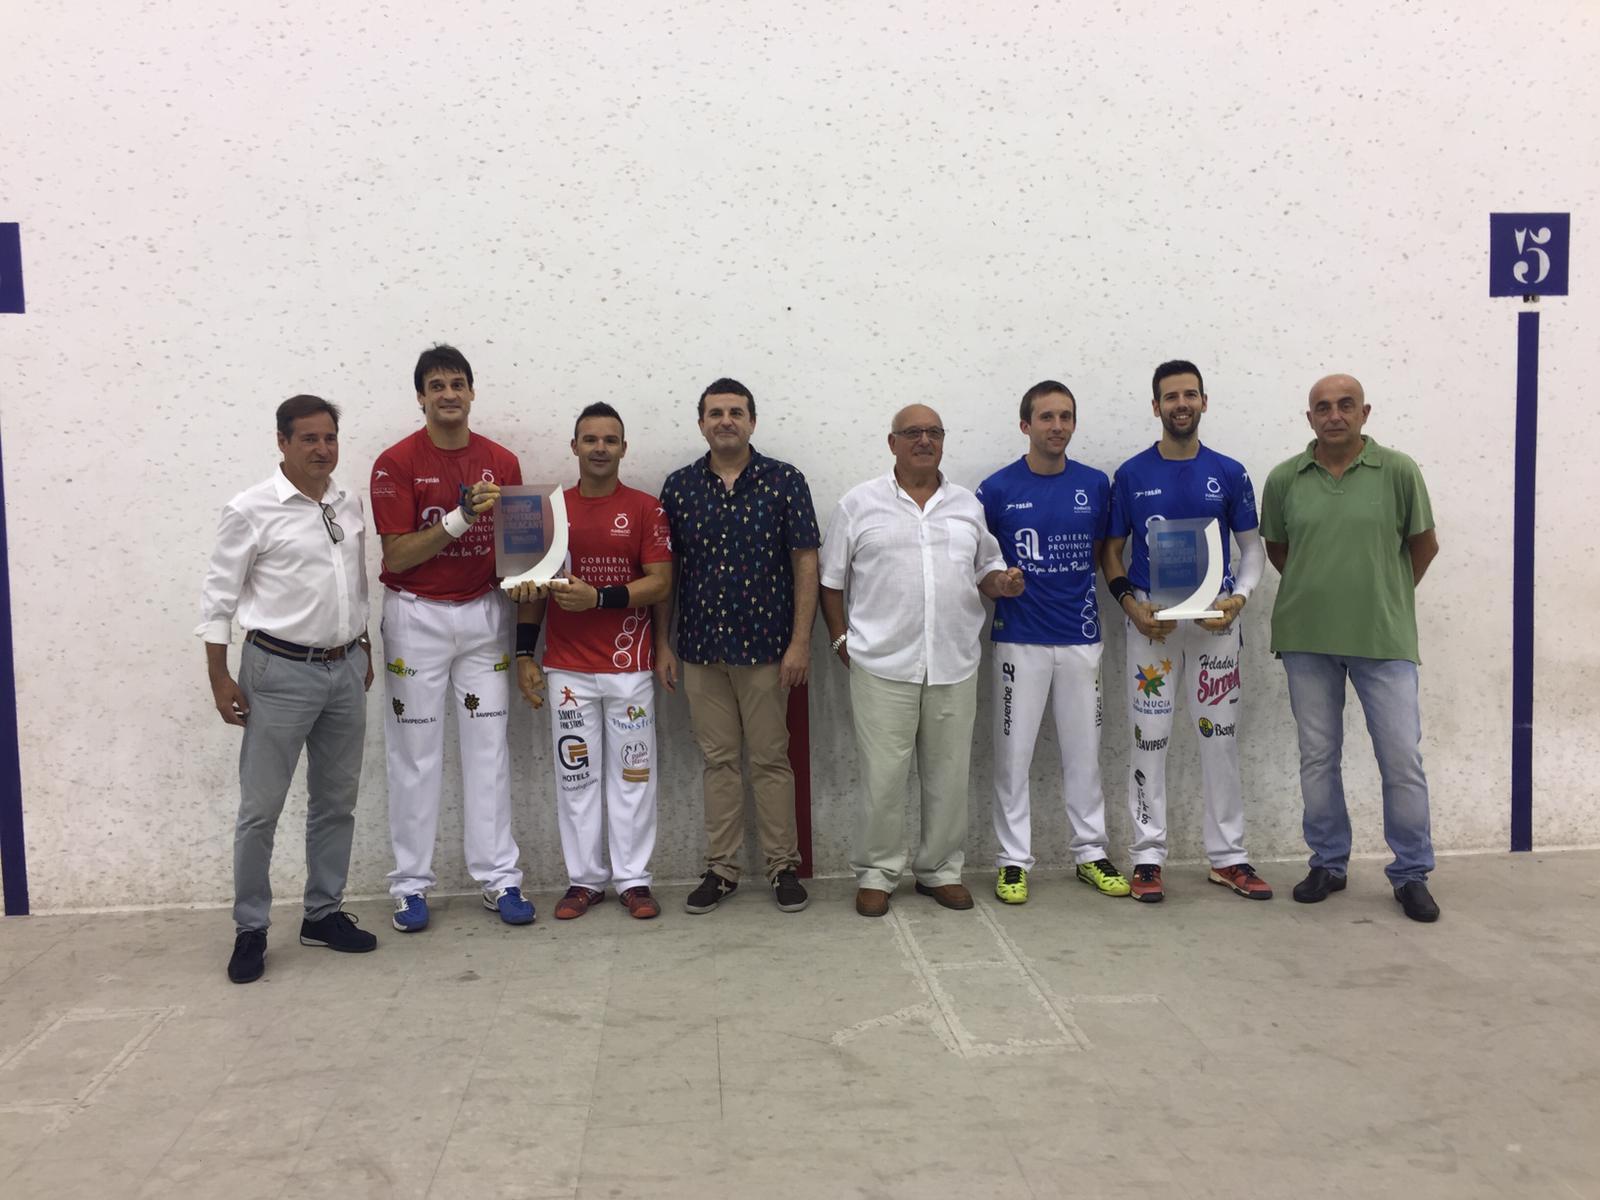 Protagonistas de la Final del Trofeo Diputación Alicante de Escala i Corda